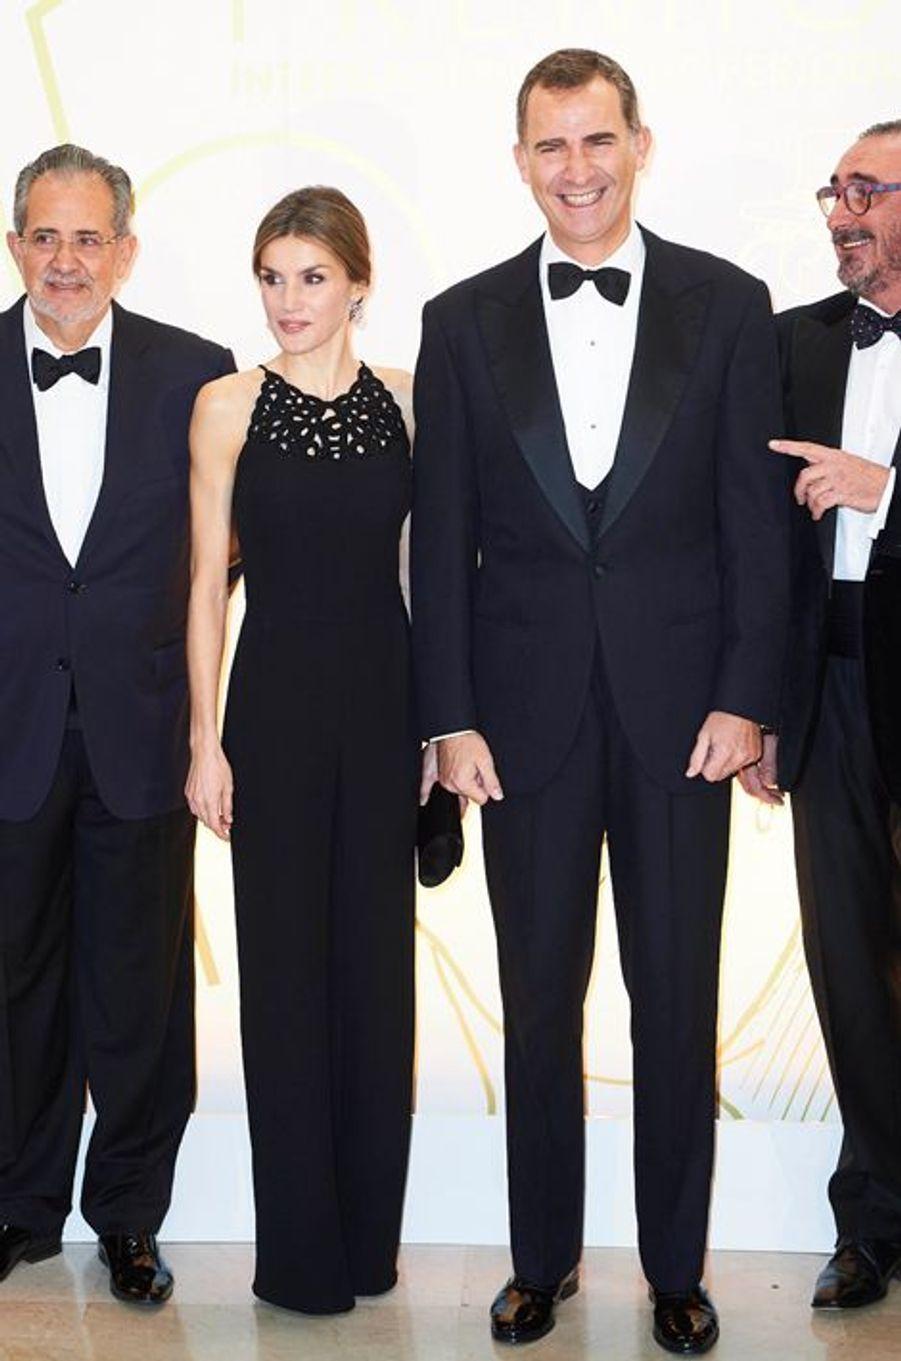 La reine Letizia et le roi Felipe VI d'Espagne à Madrid, le 10 décembre 2015